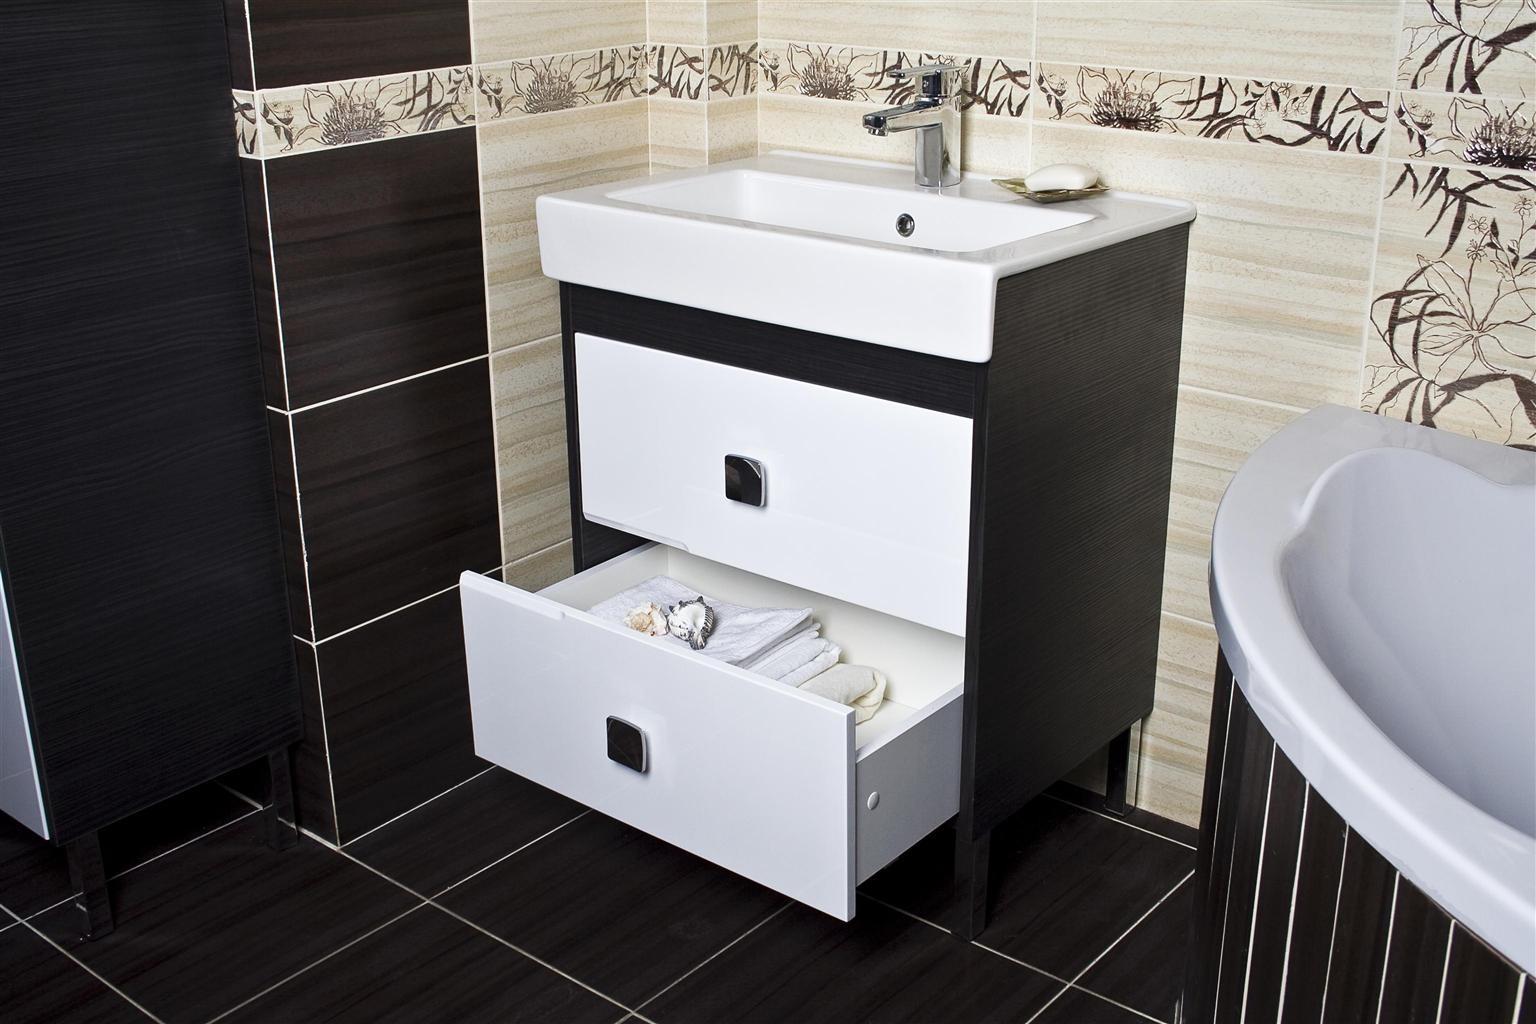 Выбираем мойдодыр для средней по размеру ванной комнаты (1 фото)